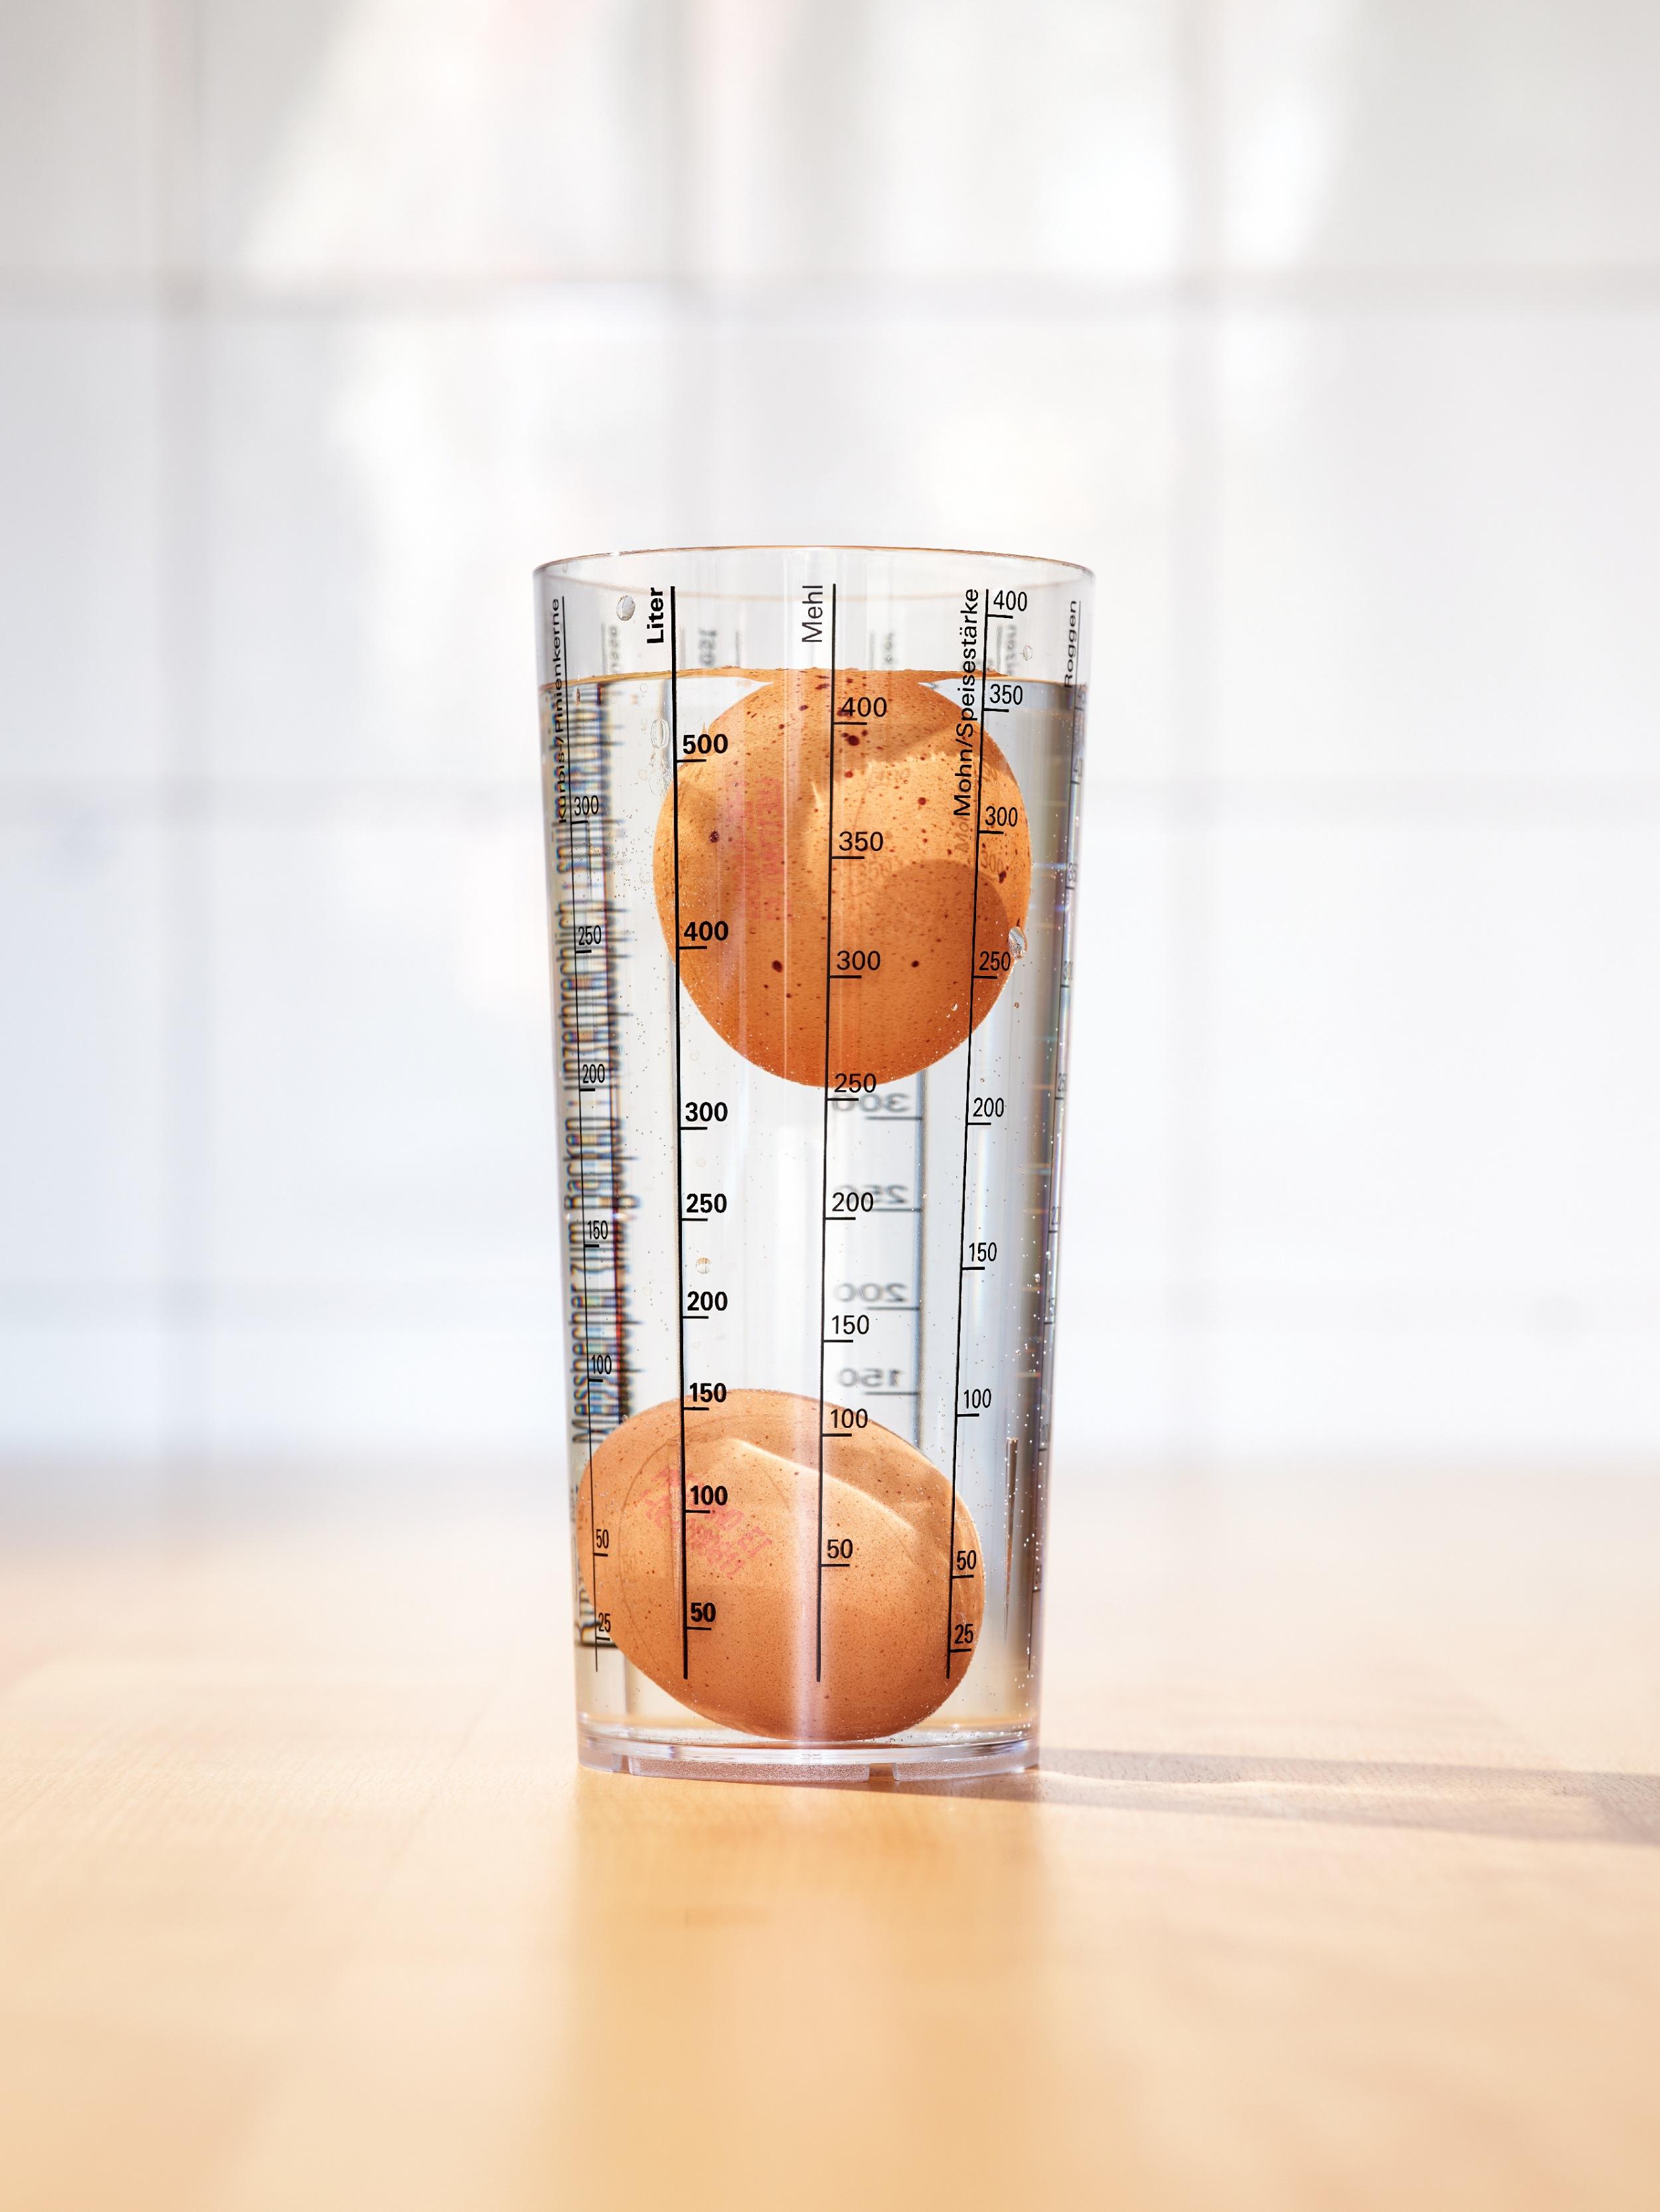 <p>NICHTSCHWIMMER VOR!<br /> Bei Eiern darf das Mindesthaltbarkeitsdatum höchstens 28 Tage nach dem Legedatum liegen. Im Anschluss einfach testen: Schwimmt ein Ei, sollte es nicht mehr verzehrt werden</p>